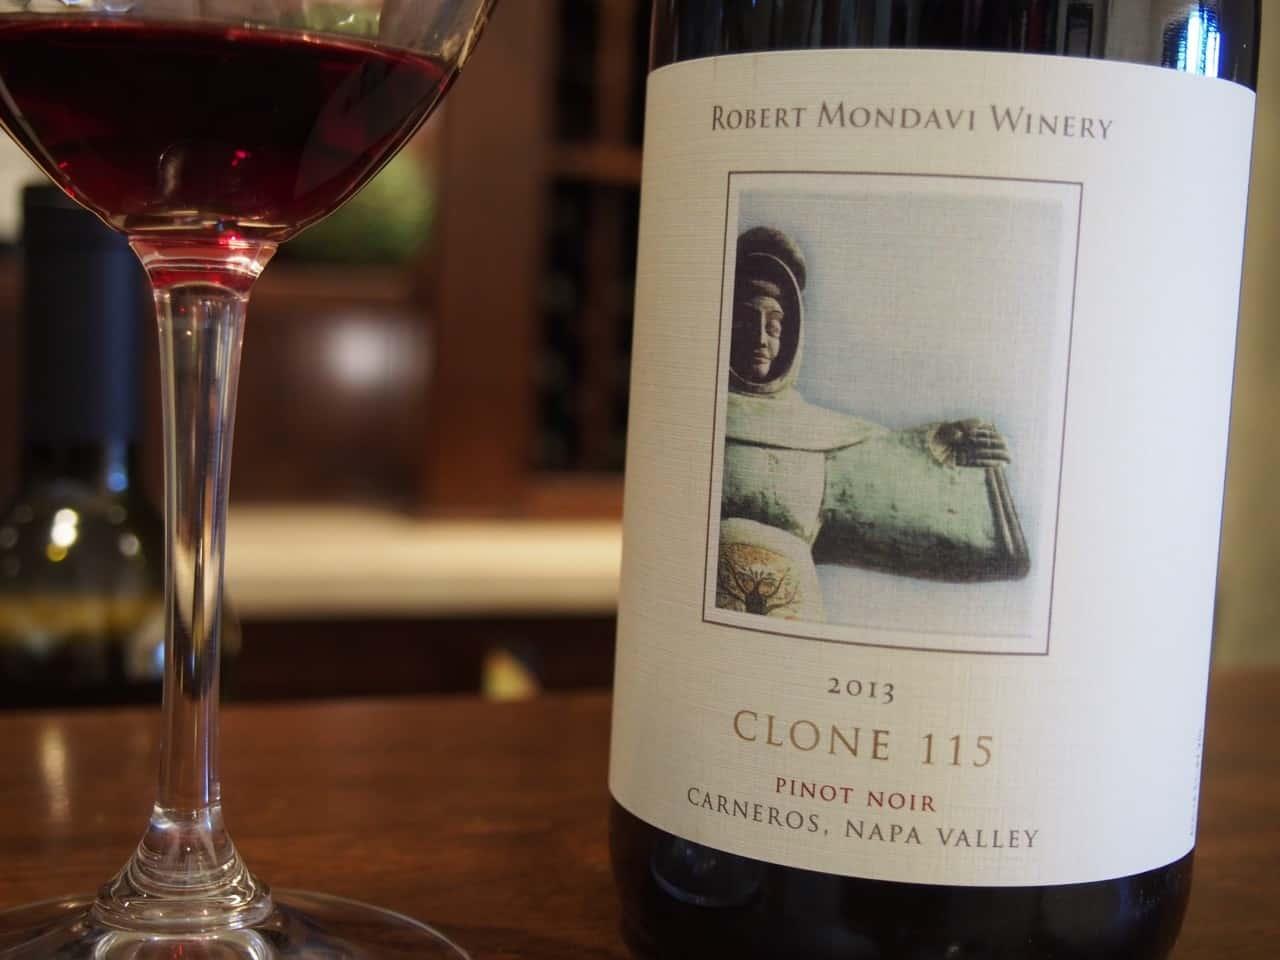 clone115 (1)